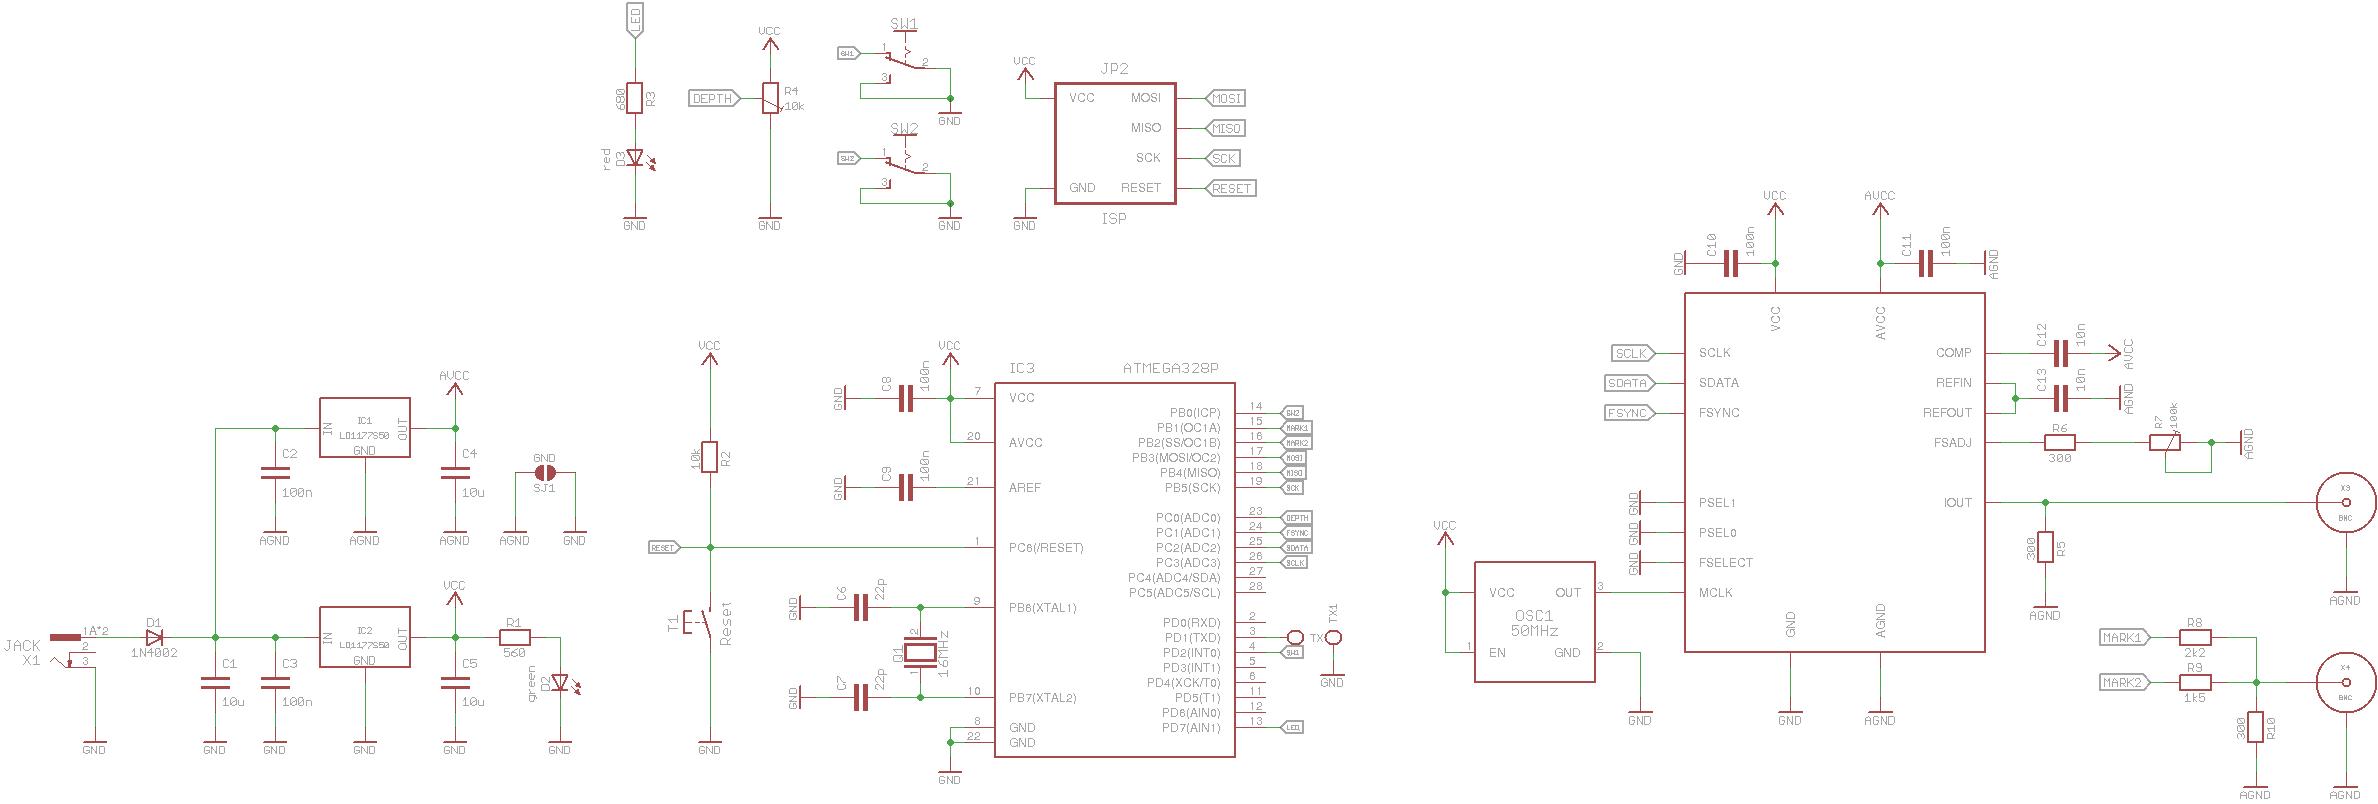 Einfacher Wobbelgenerator mit AVR? - Mikrocontroller.net